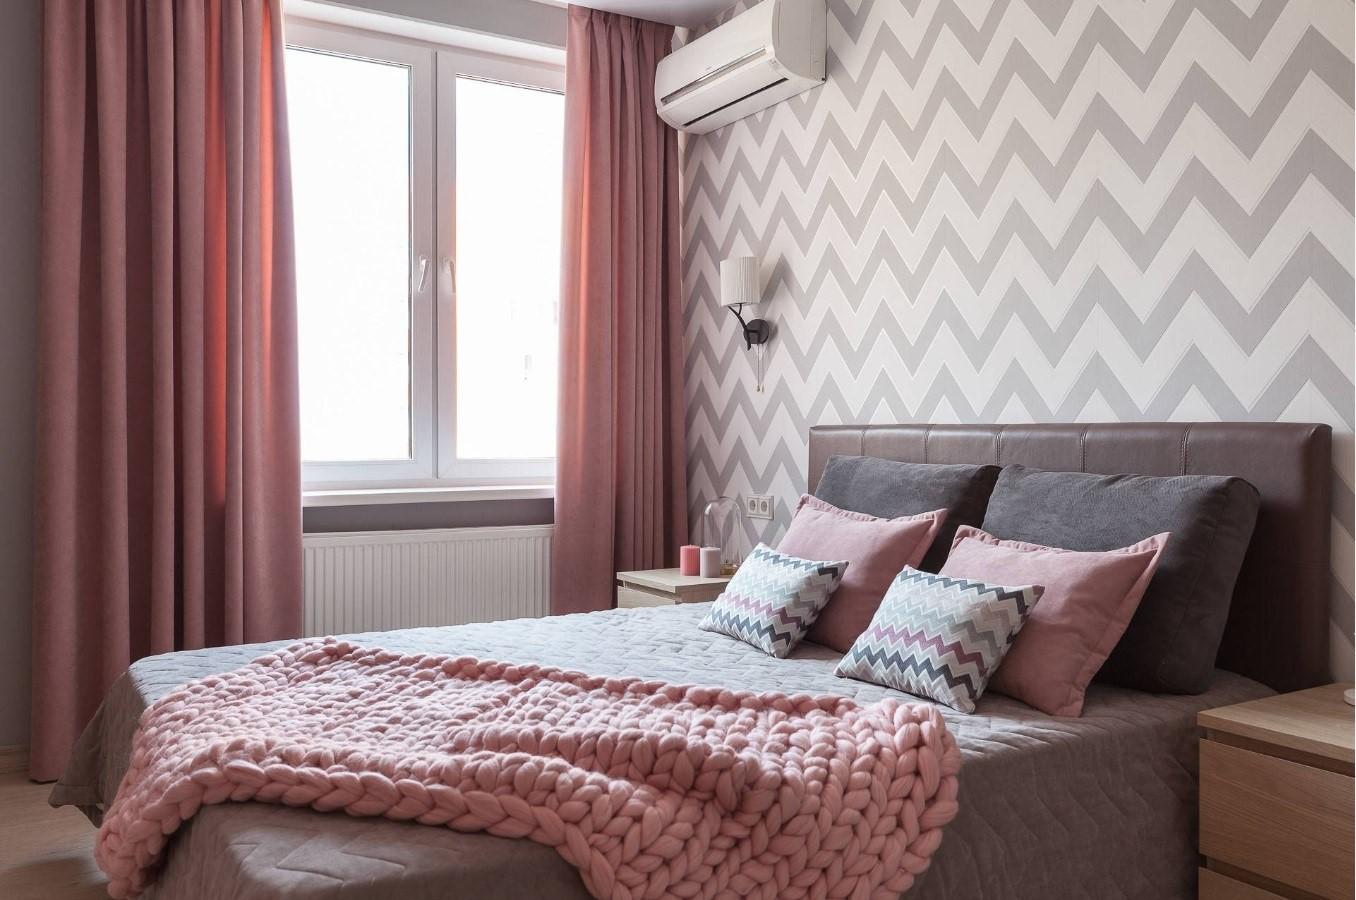 Спальня в стилі мінімалізм в рожевих і сірих відтінках